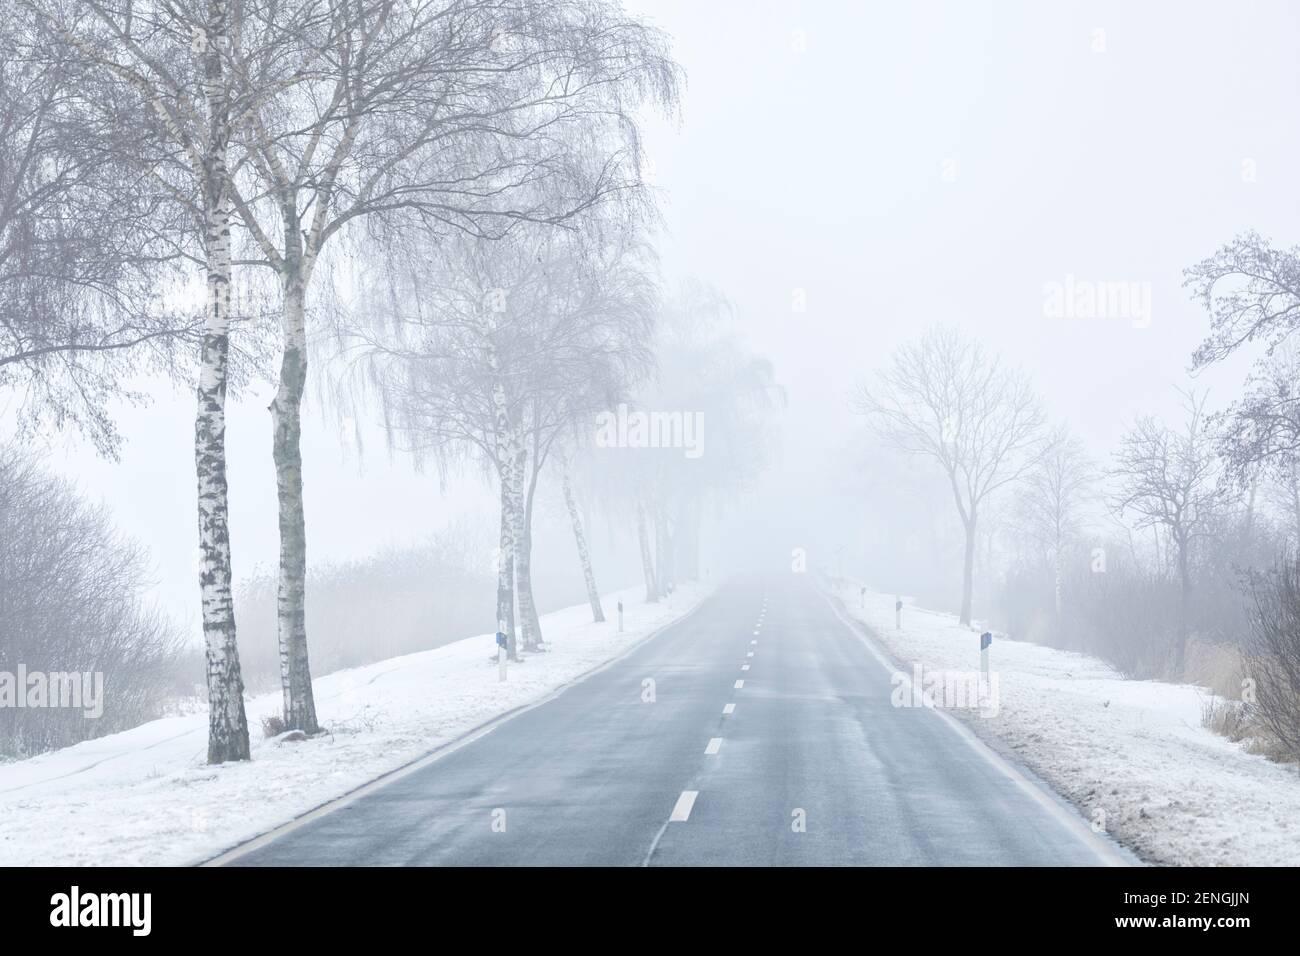 Vider la route rurale en hiver, s'évanouissant dans la brume Banque D'Images